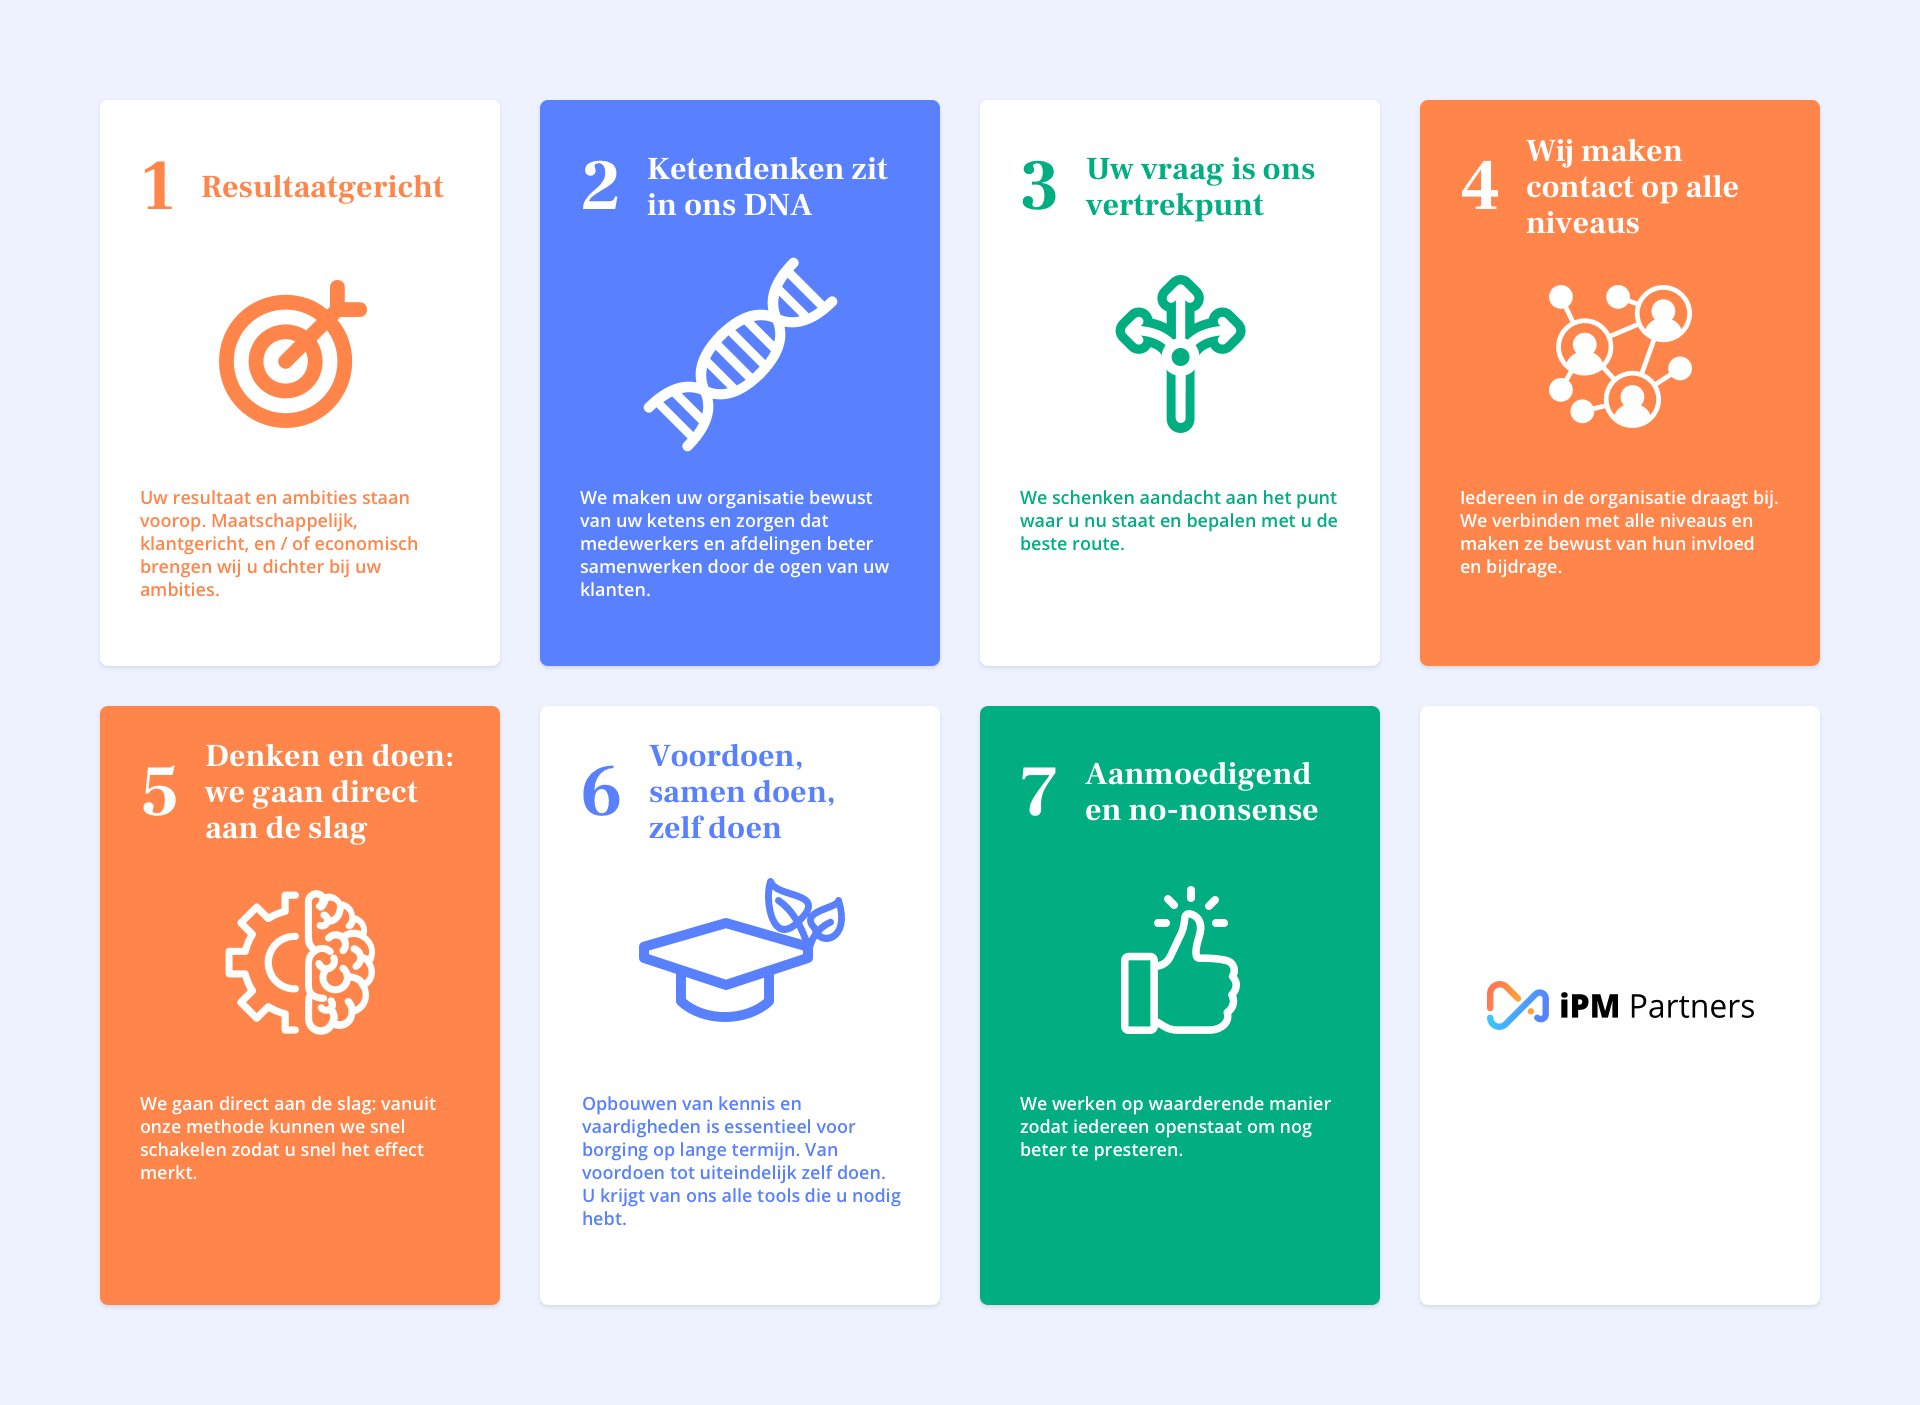 De 7 leidende principes van iPM Partners